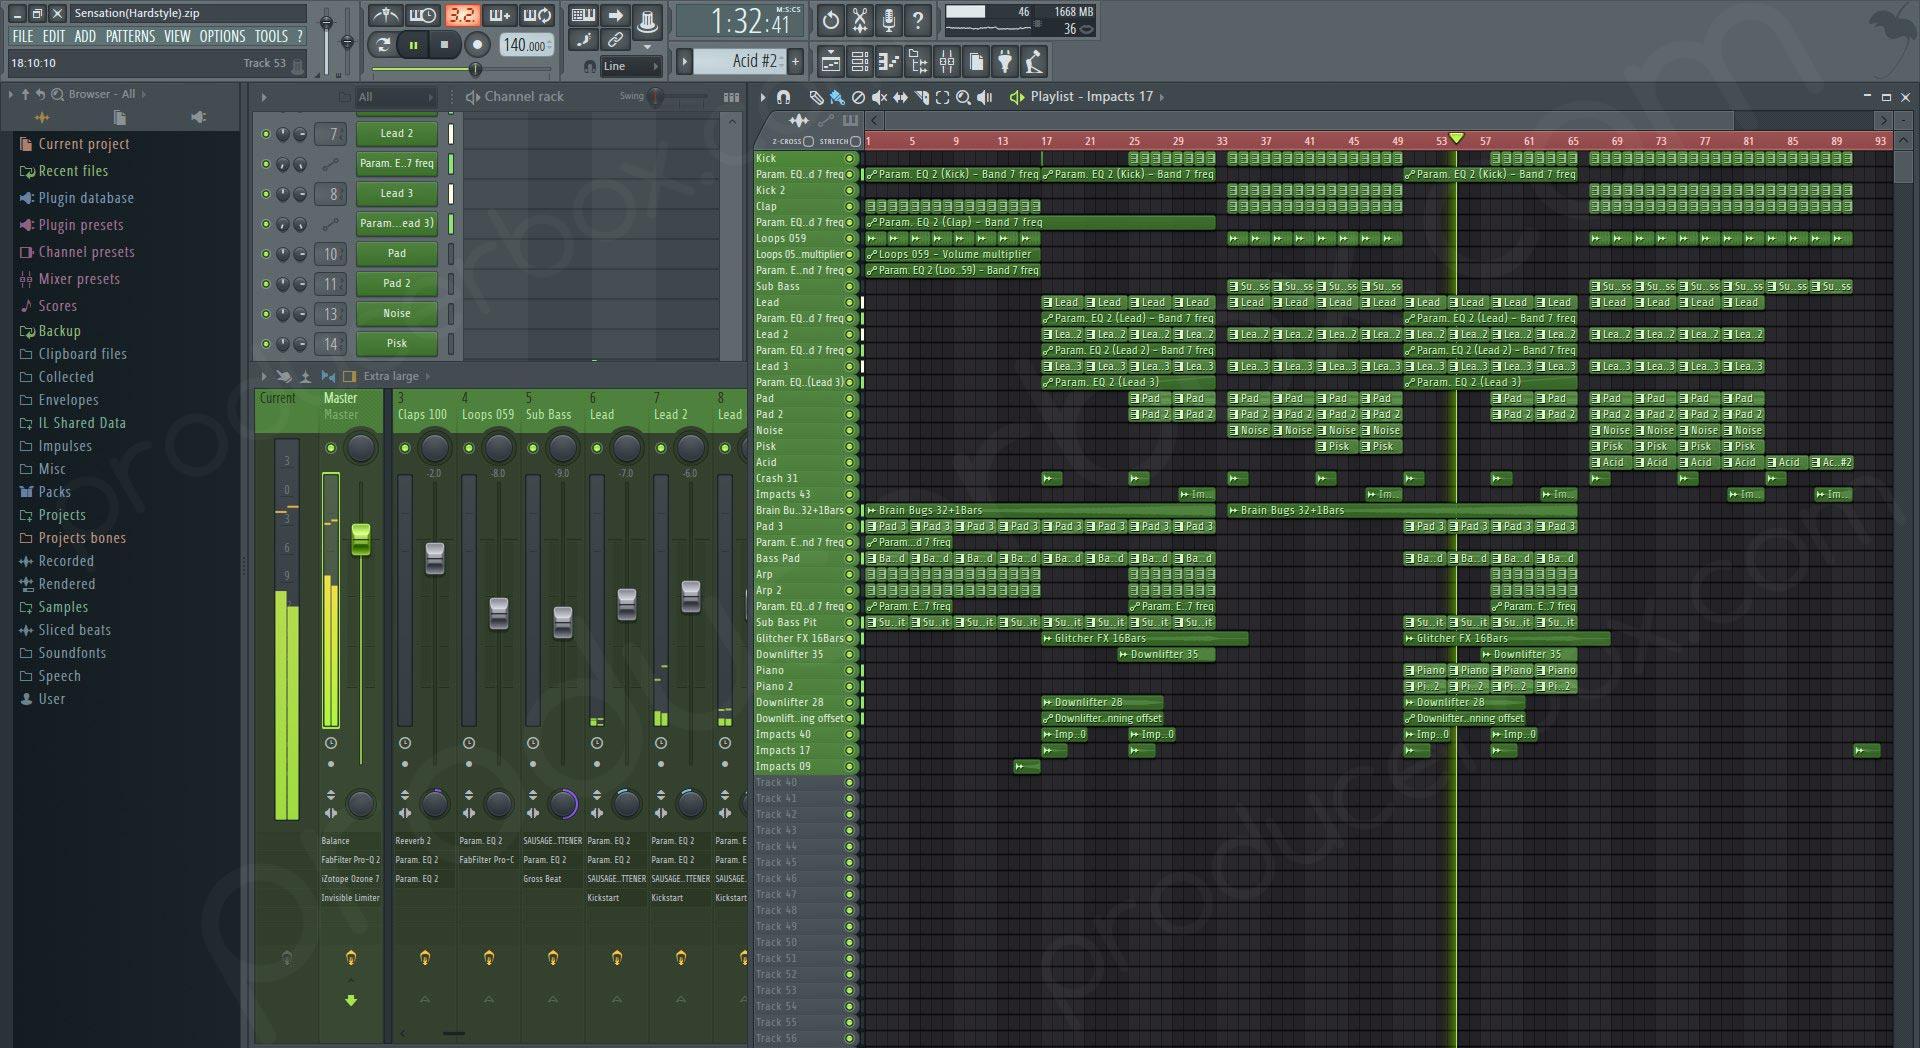 Fl Studio Hardstyle Vocals Download, Hardstyle on Producer